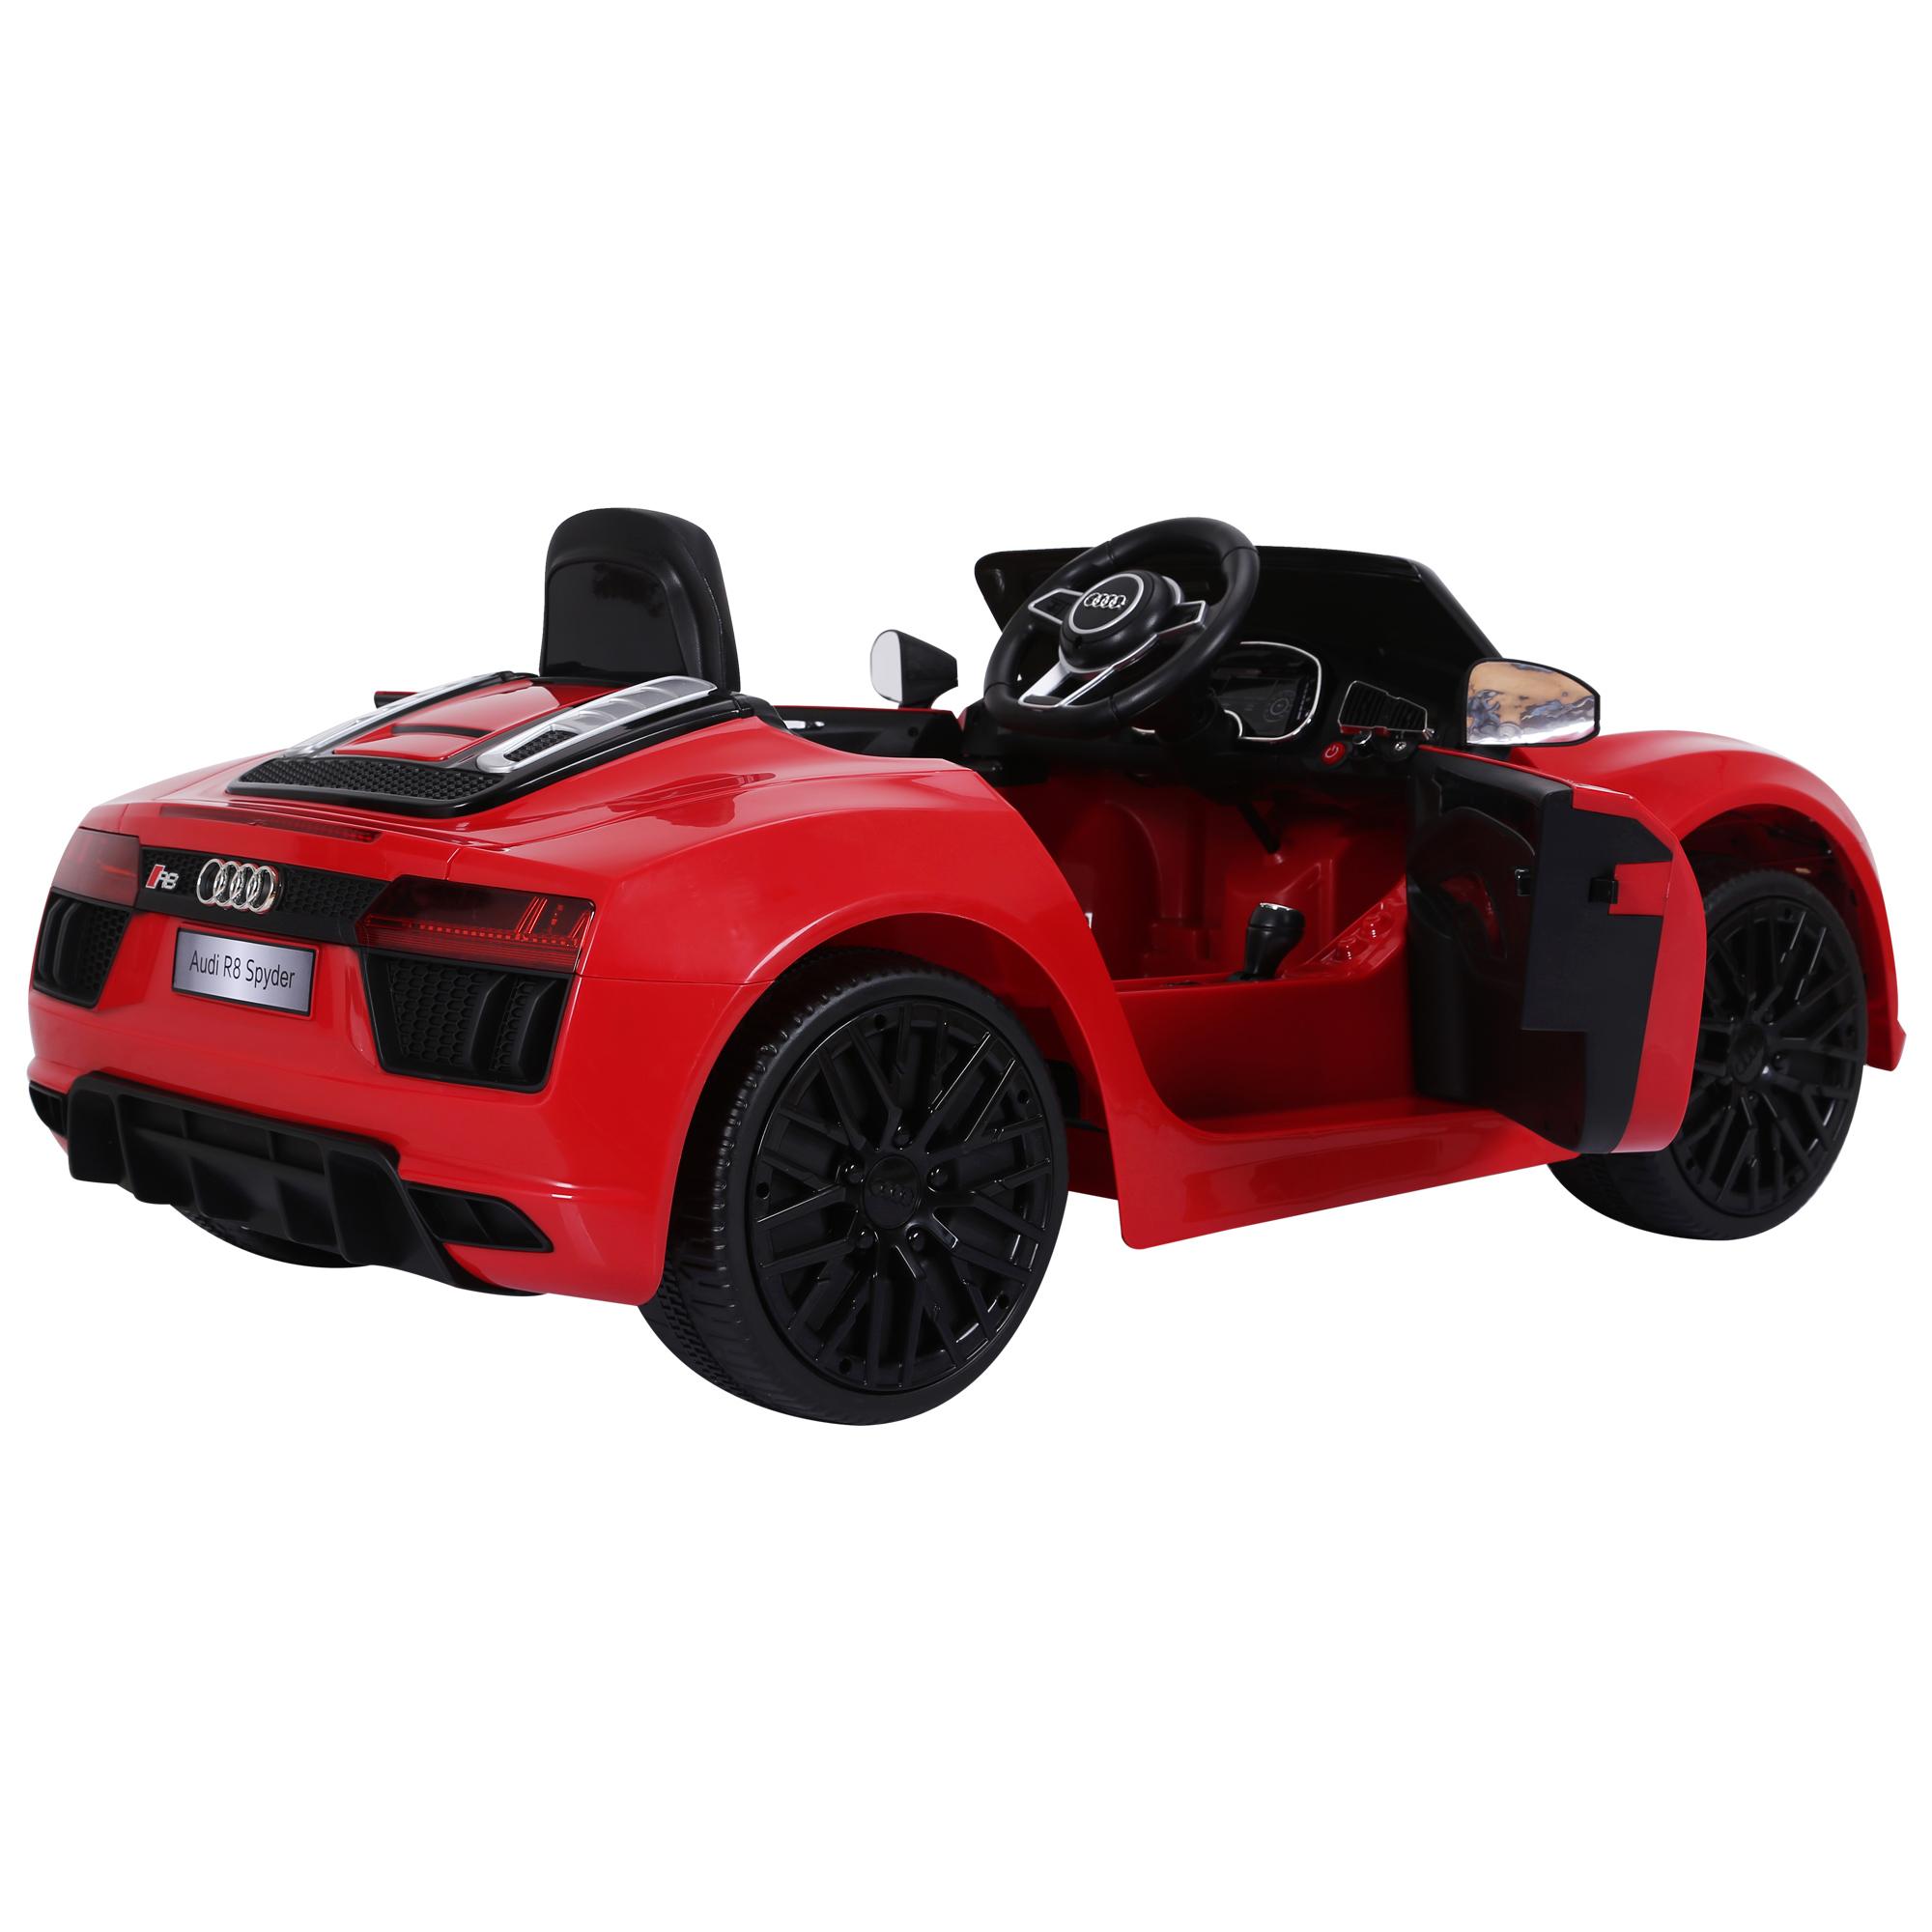 Coche-Electrico-para-Nino-3-8-Anos-Audi-R8-Bateria-12V-Control-Remoto-Carga-30kg miniatura 24